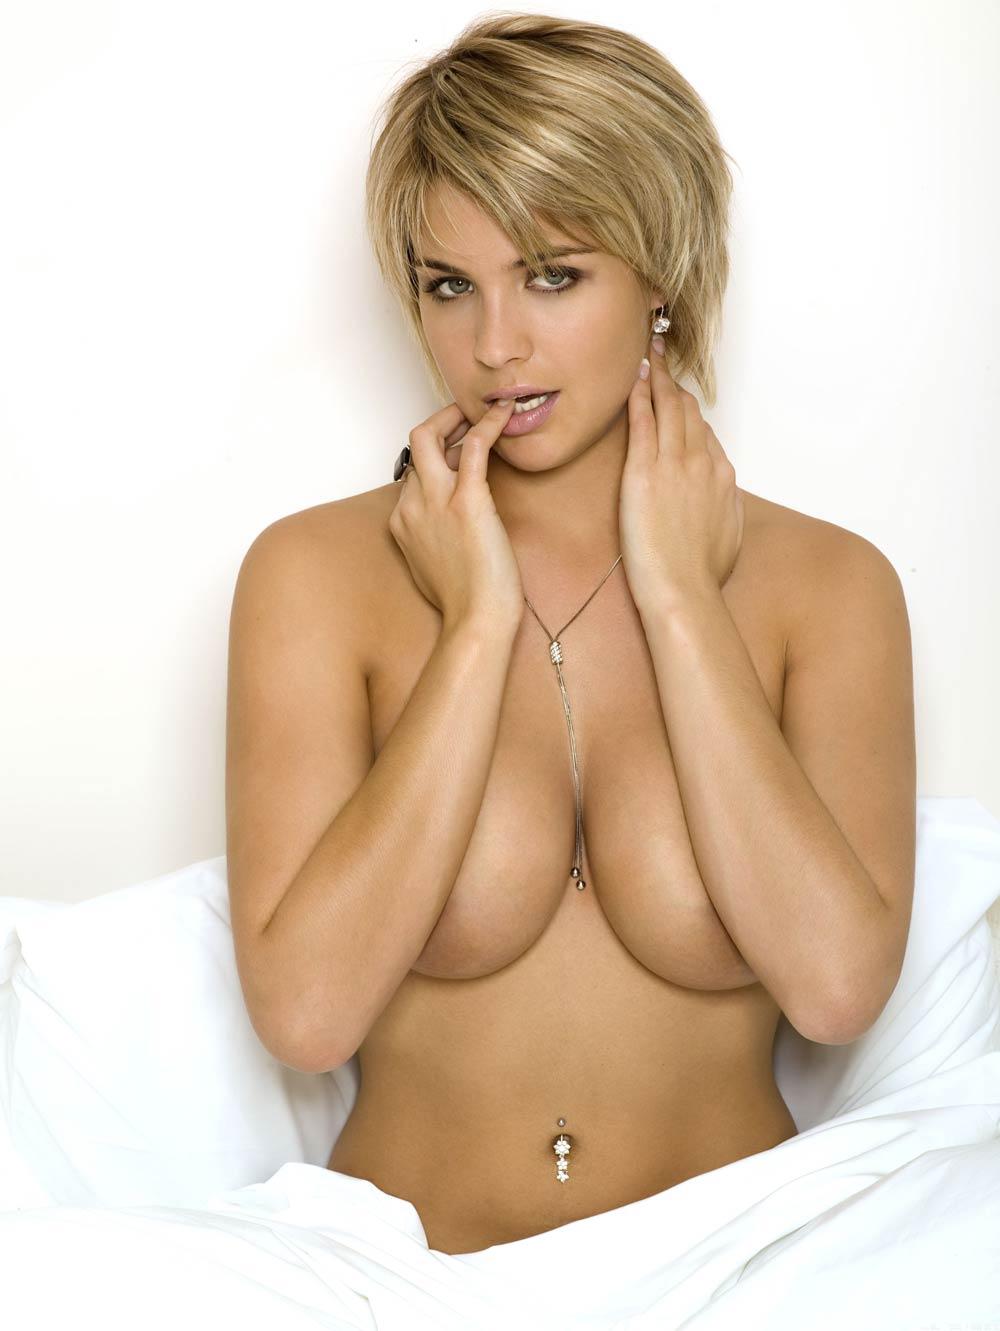 breast nude atkinson Gemma